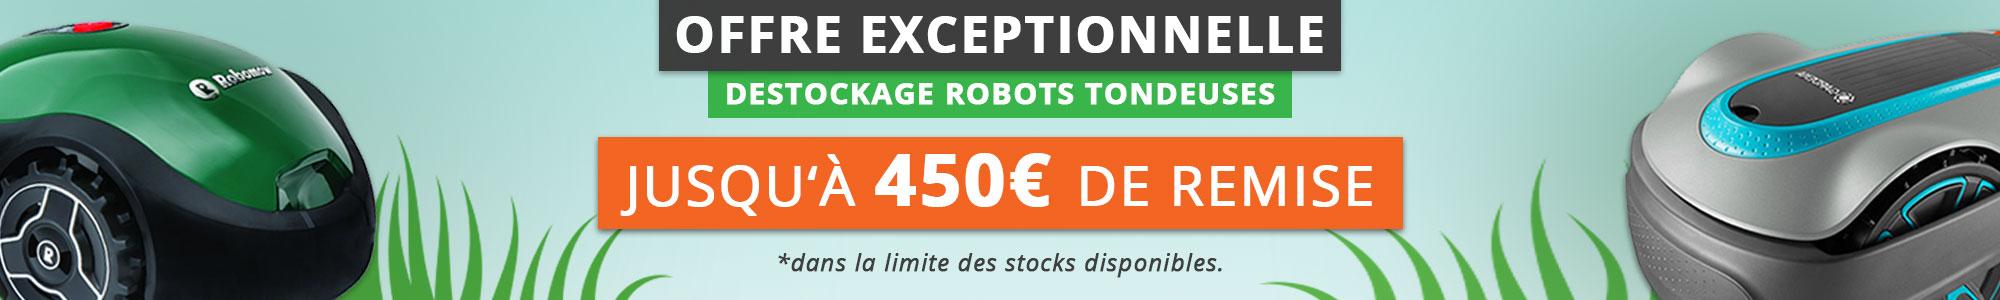 Offre exceptionnelle robots tondeuses 2018